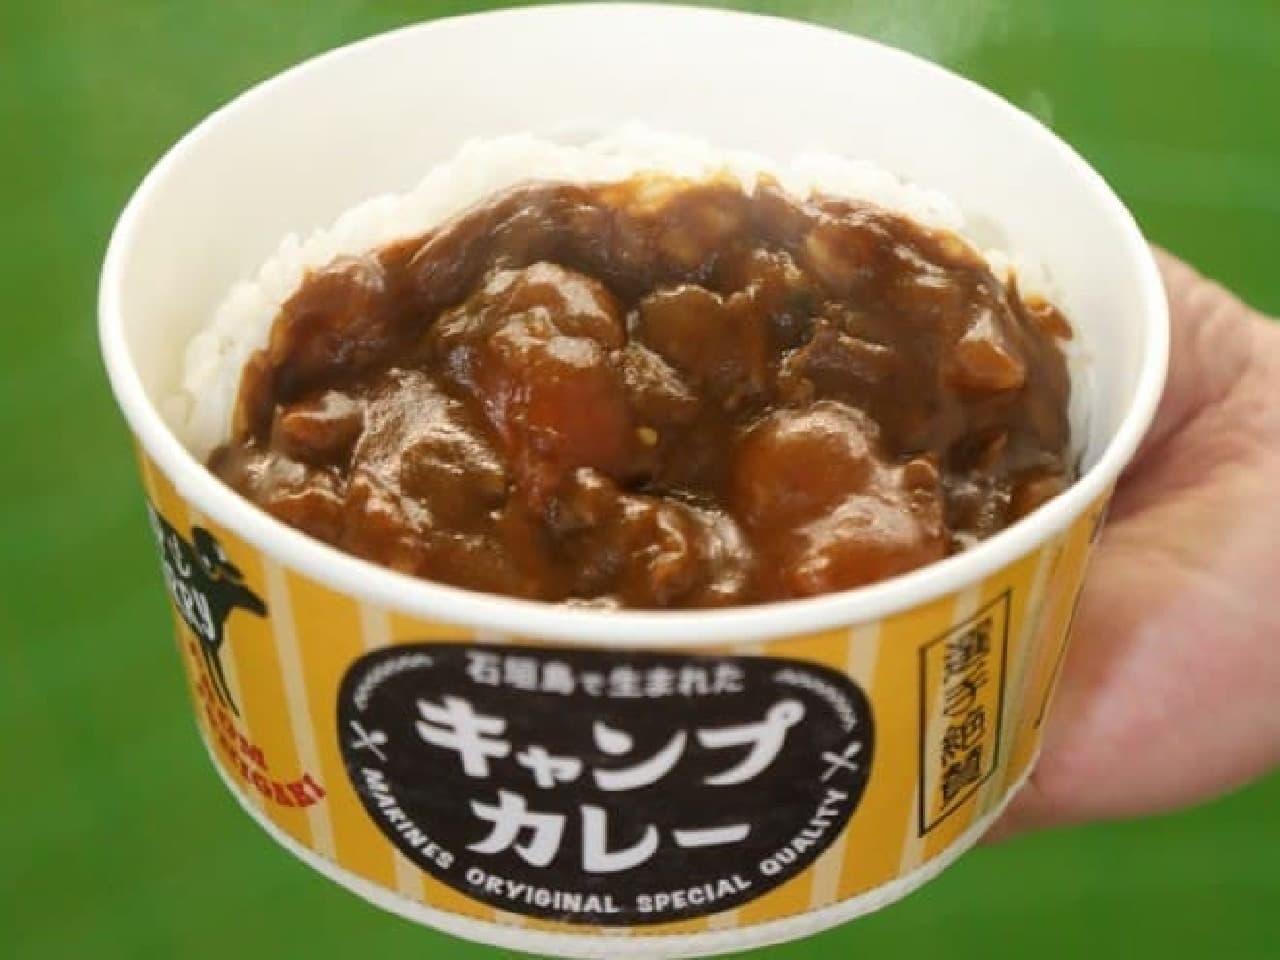 千葉ロッテマリーンズの新たなスタジアムグルメ「石垣島で生まれたソーキ出汁のキャンプカレー」